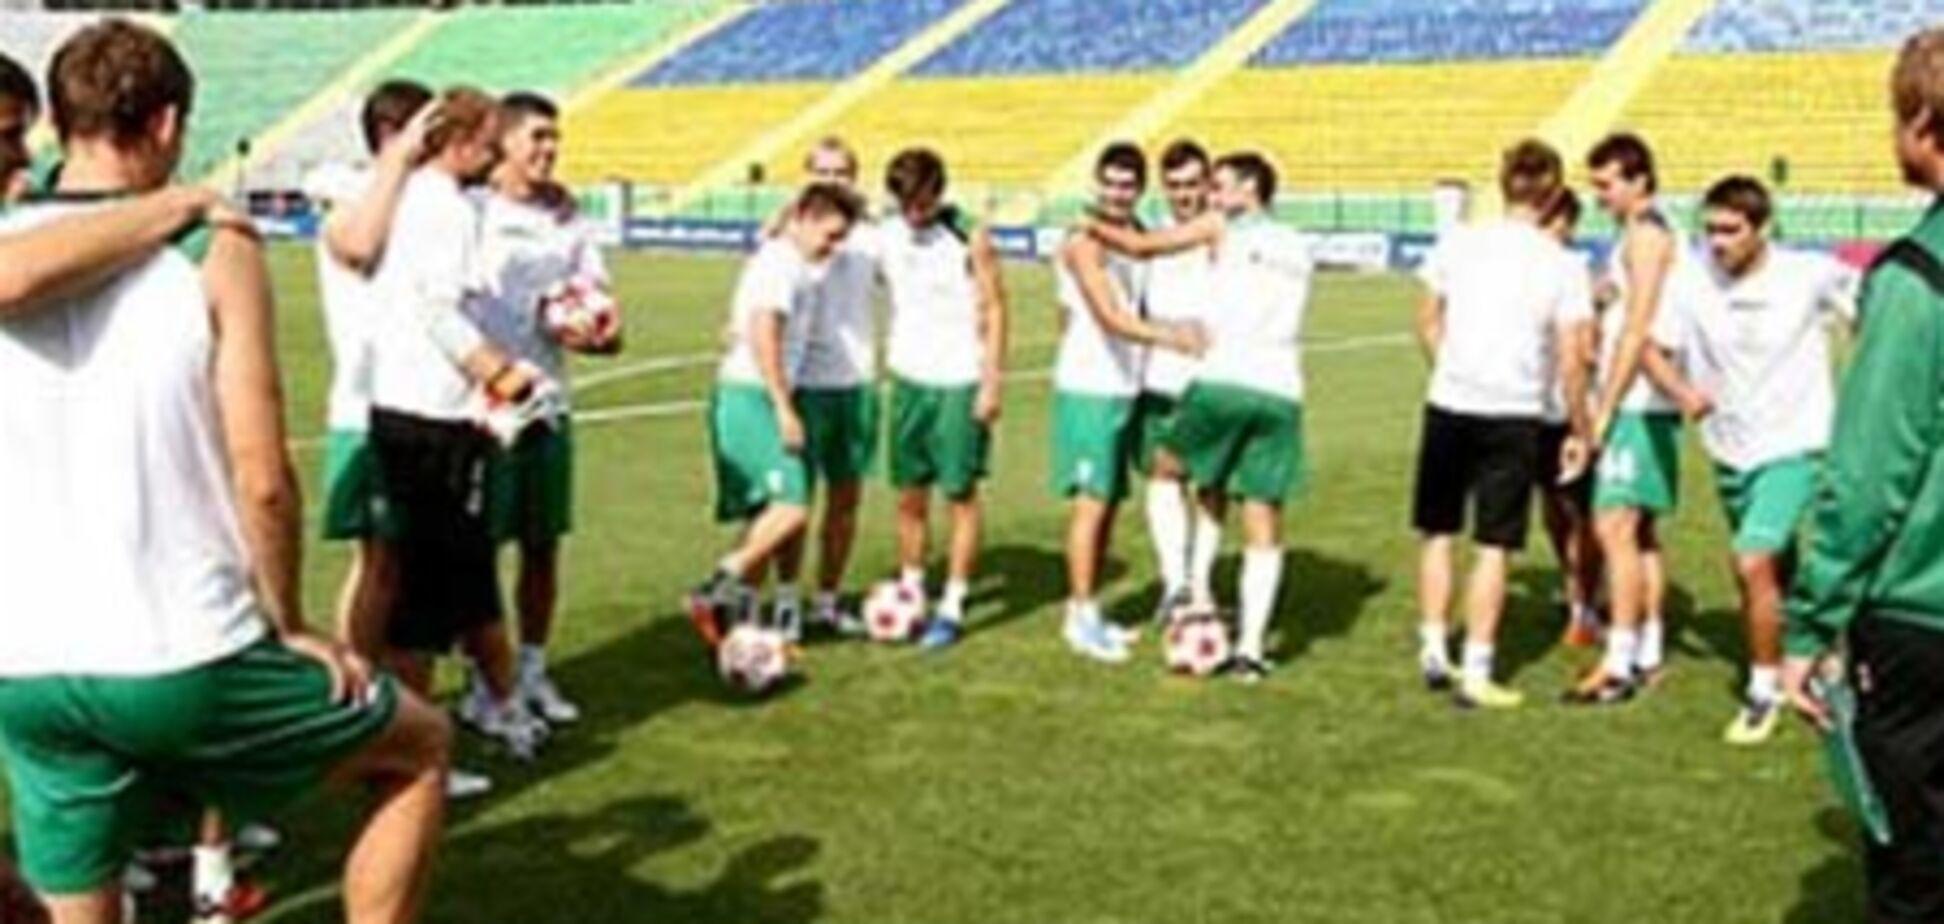 Сегодня матч Лиги Европы 'Карпаты' — 'Сент-Патрикс'. Превью матча